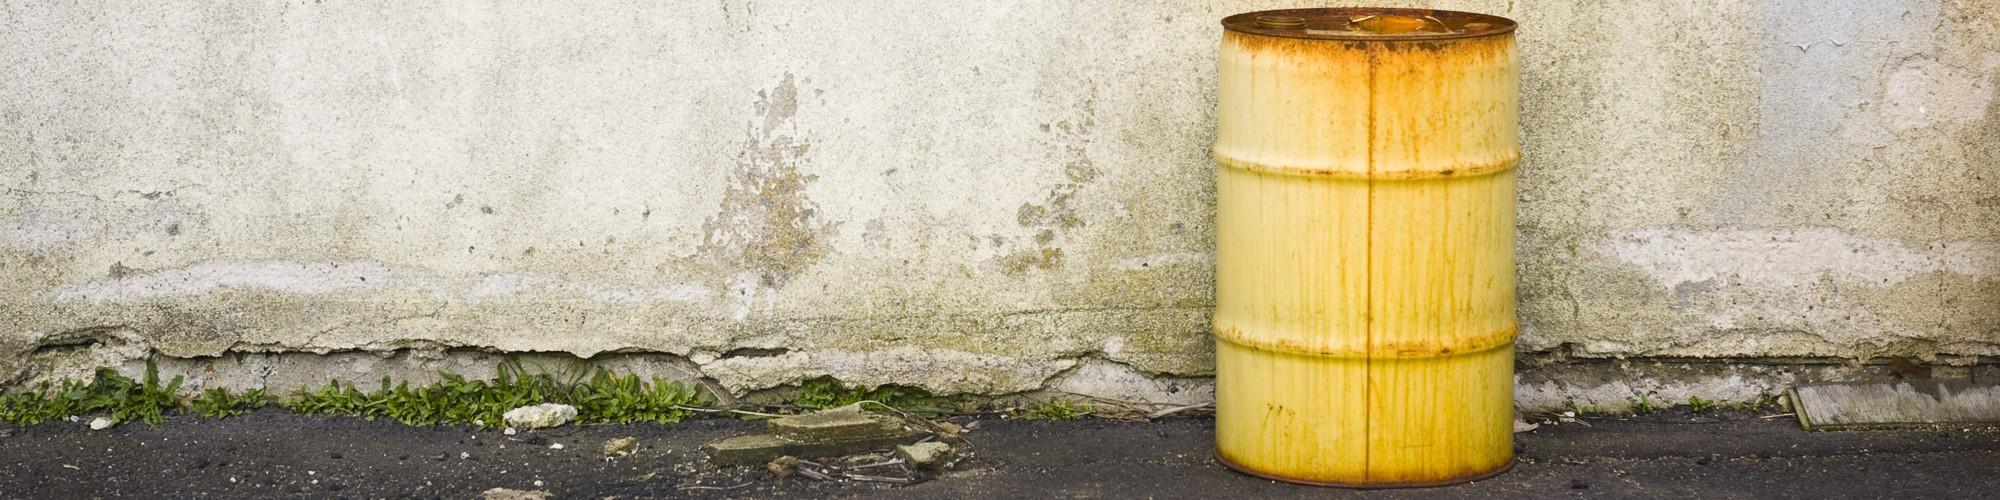 Foto: Angerostetes Fass vor einer Wand